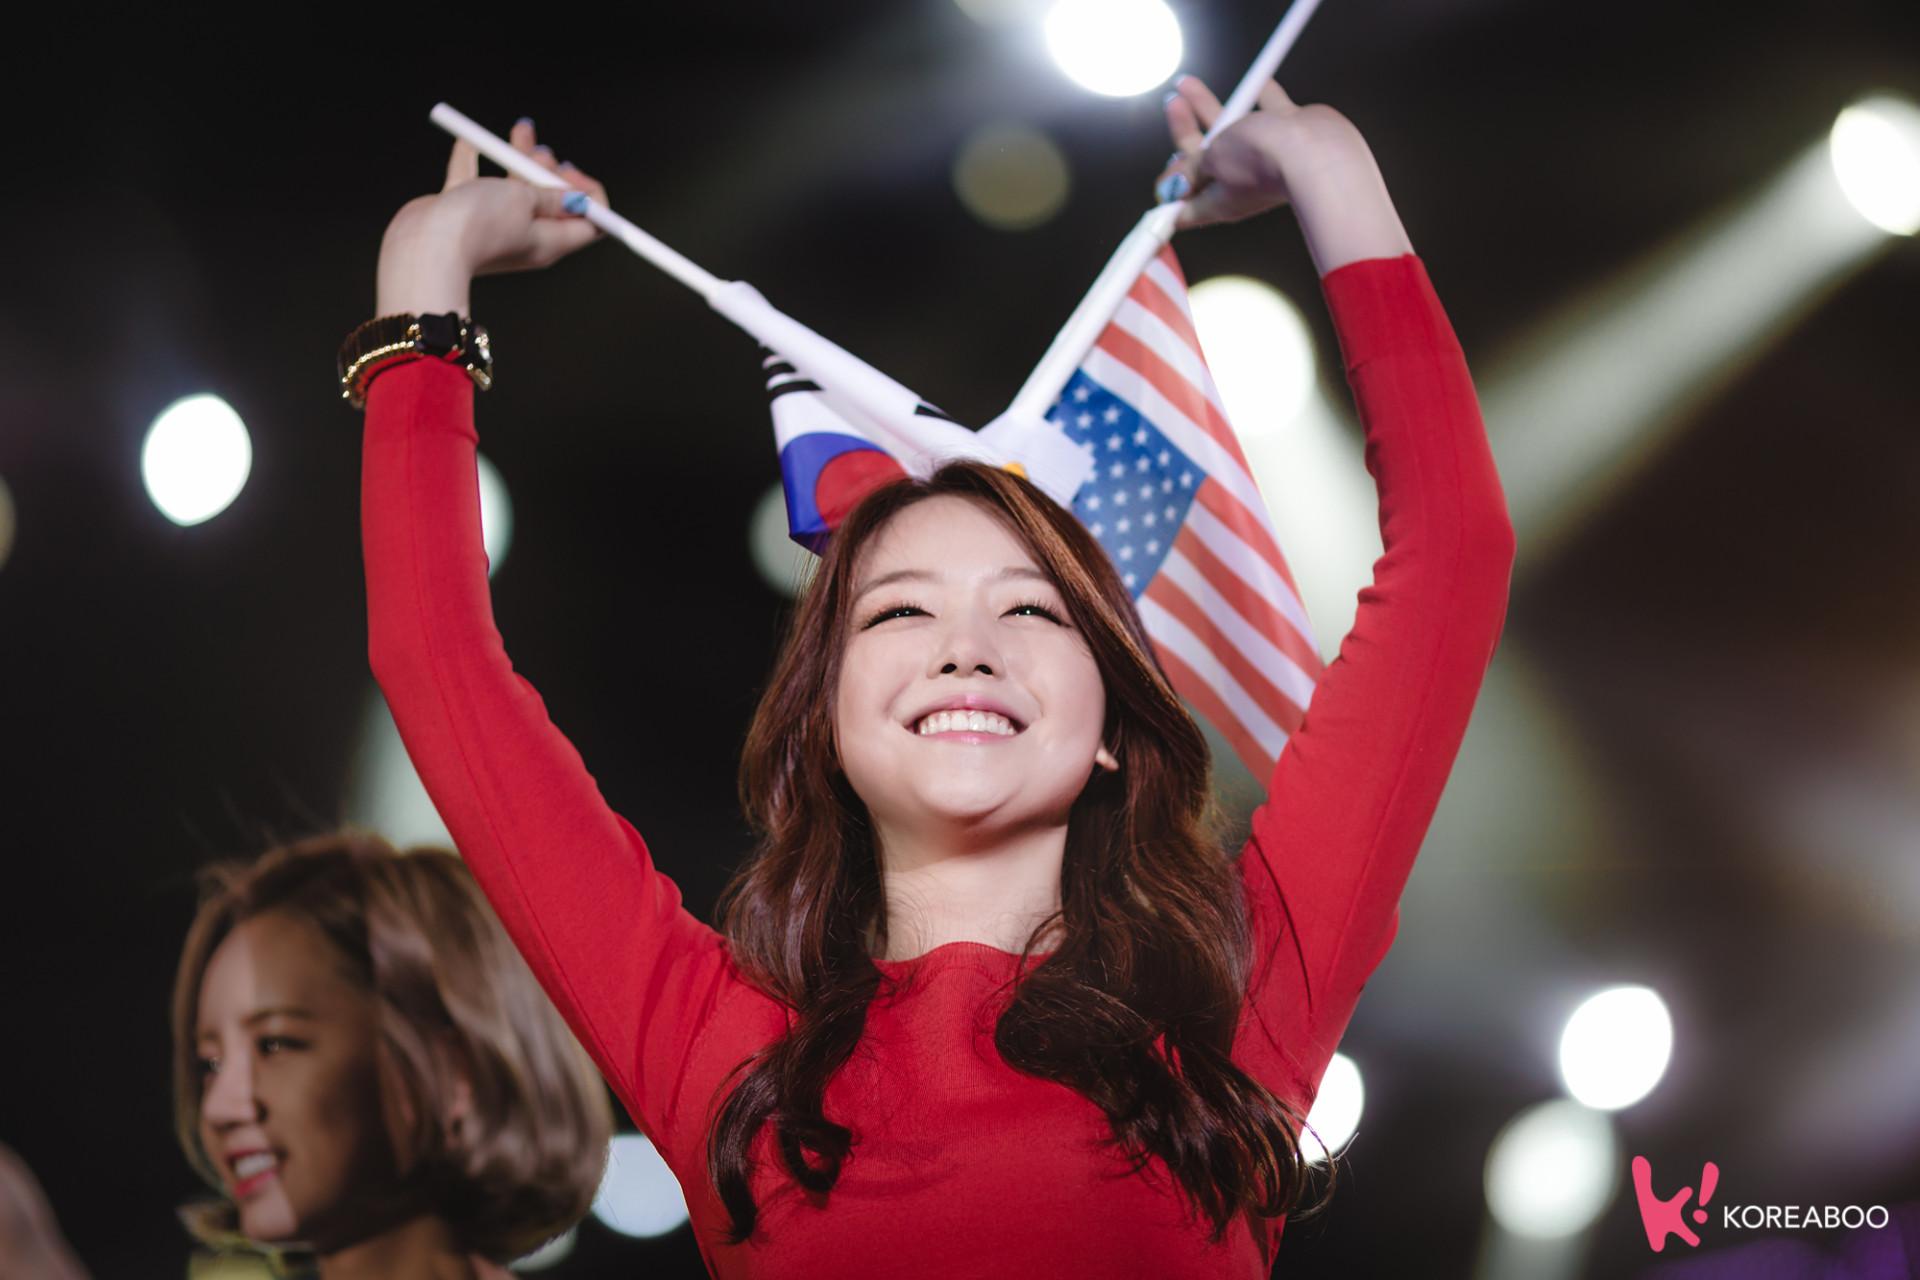 KBS LA K-pop Festival